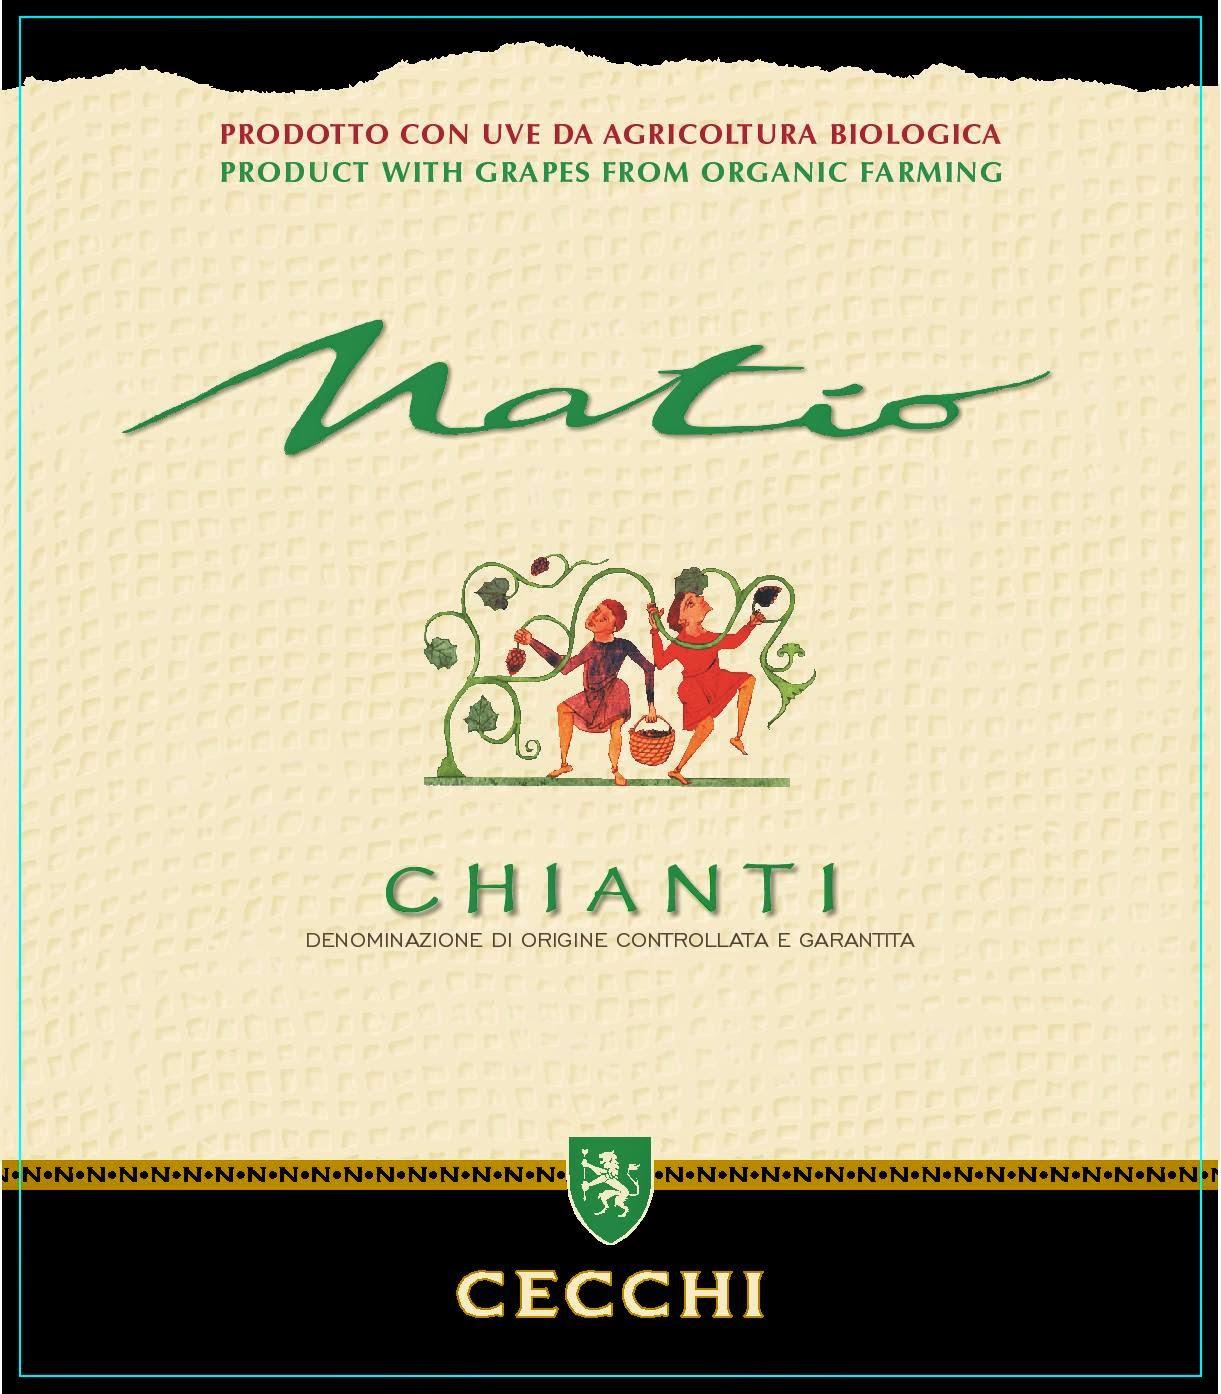 cecchi rosso chianti sangiovese packging label naming etichetta